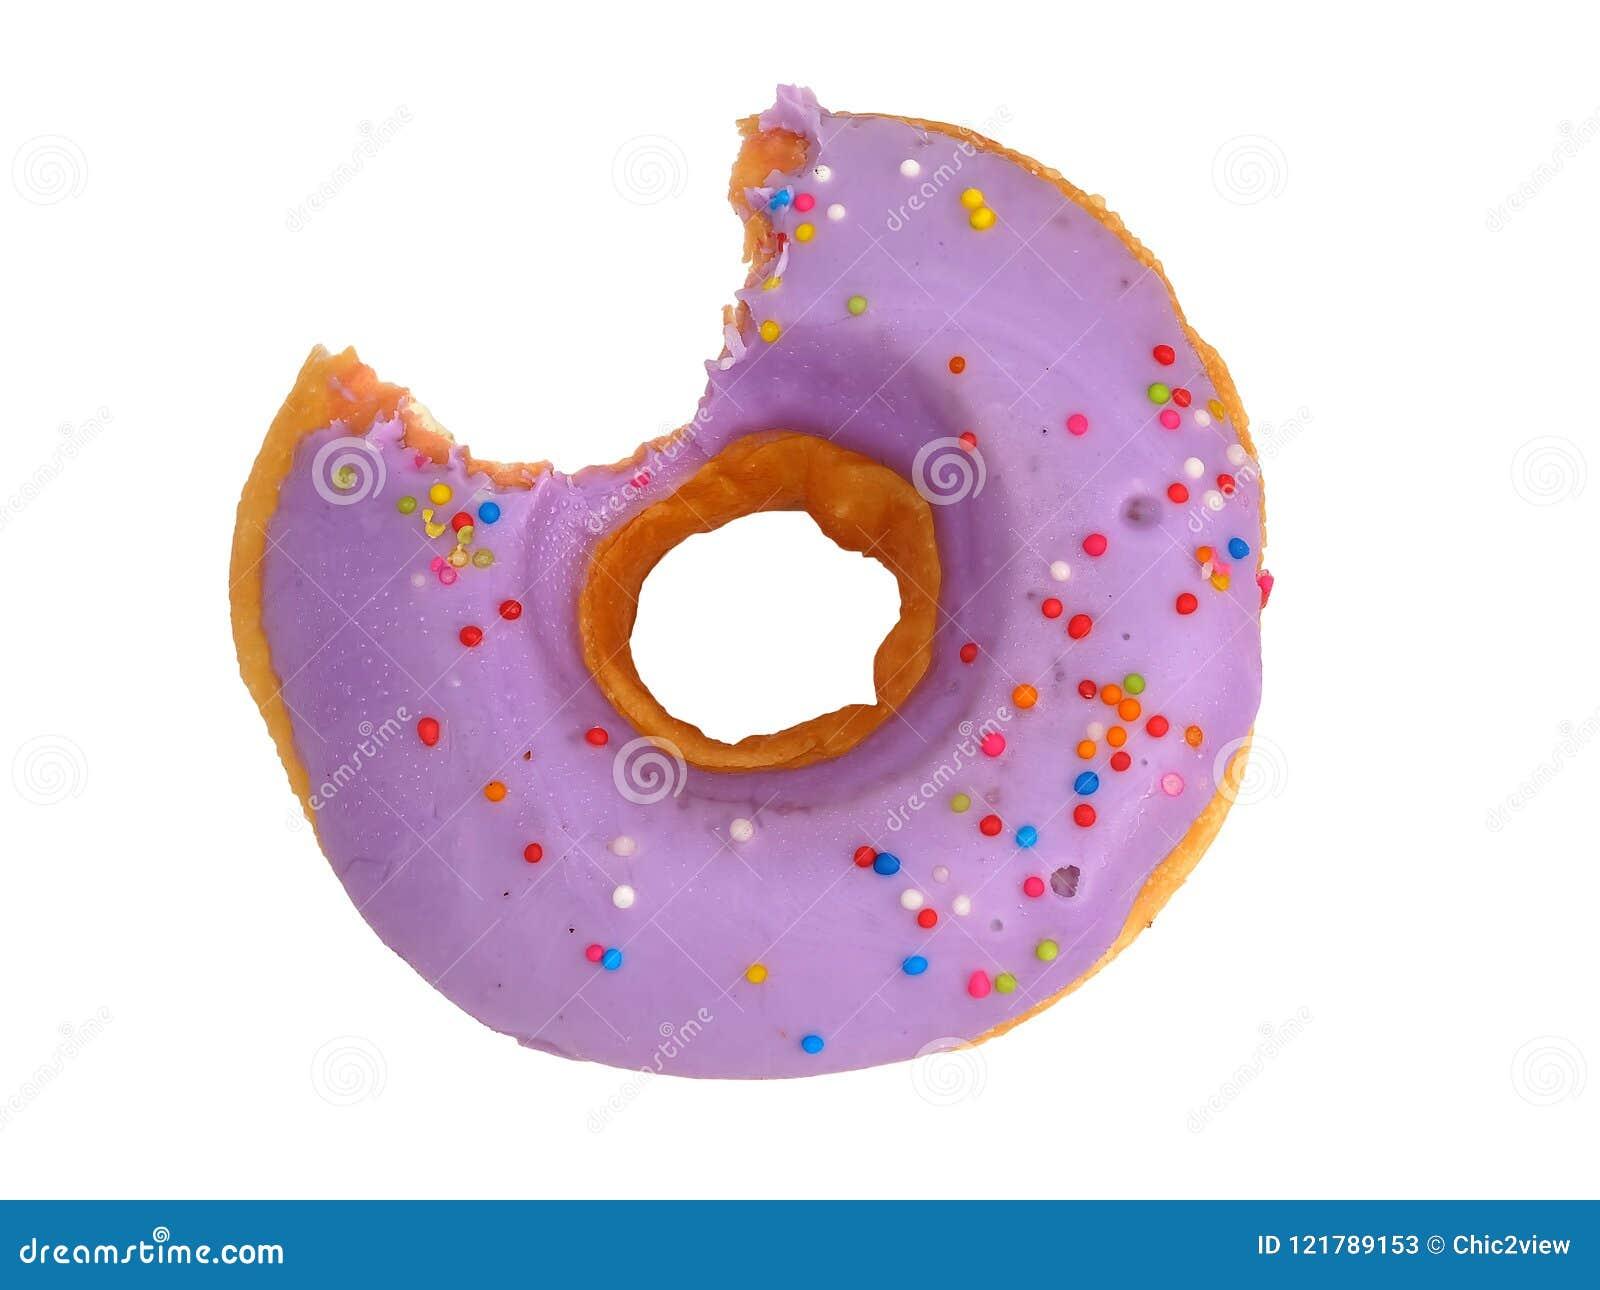 甜紫色被咬住的多福饼给上釉与蓝莓奶油